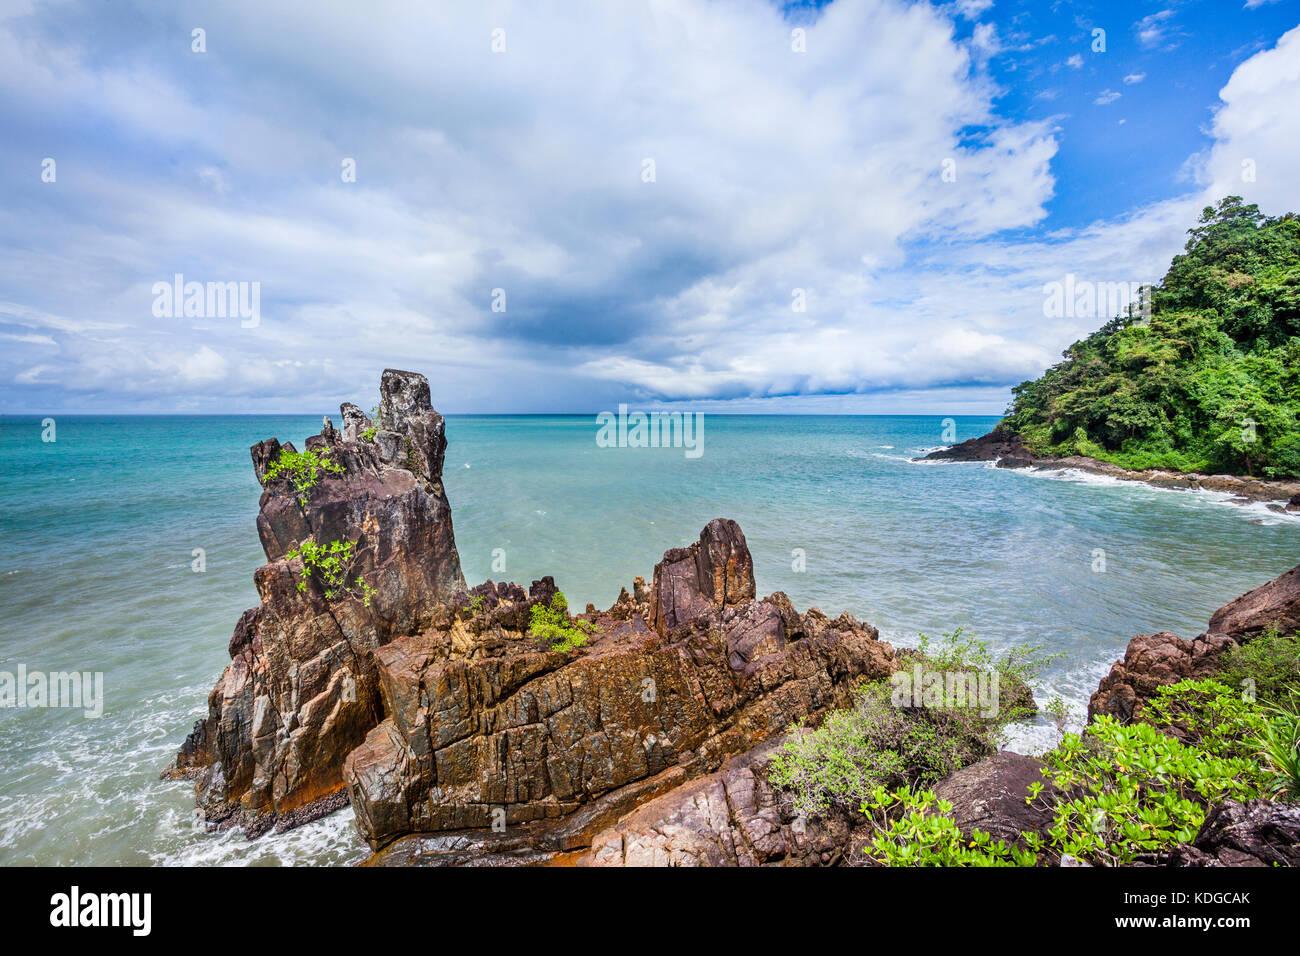 La province de Trat, Thaïlande, île tropicale de Koh Chang dans le golfe de Thaïlande, promontoire Photo Stock